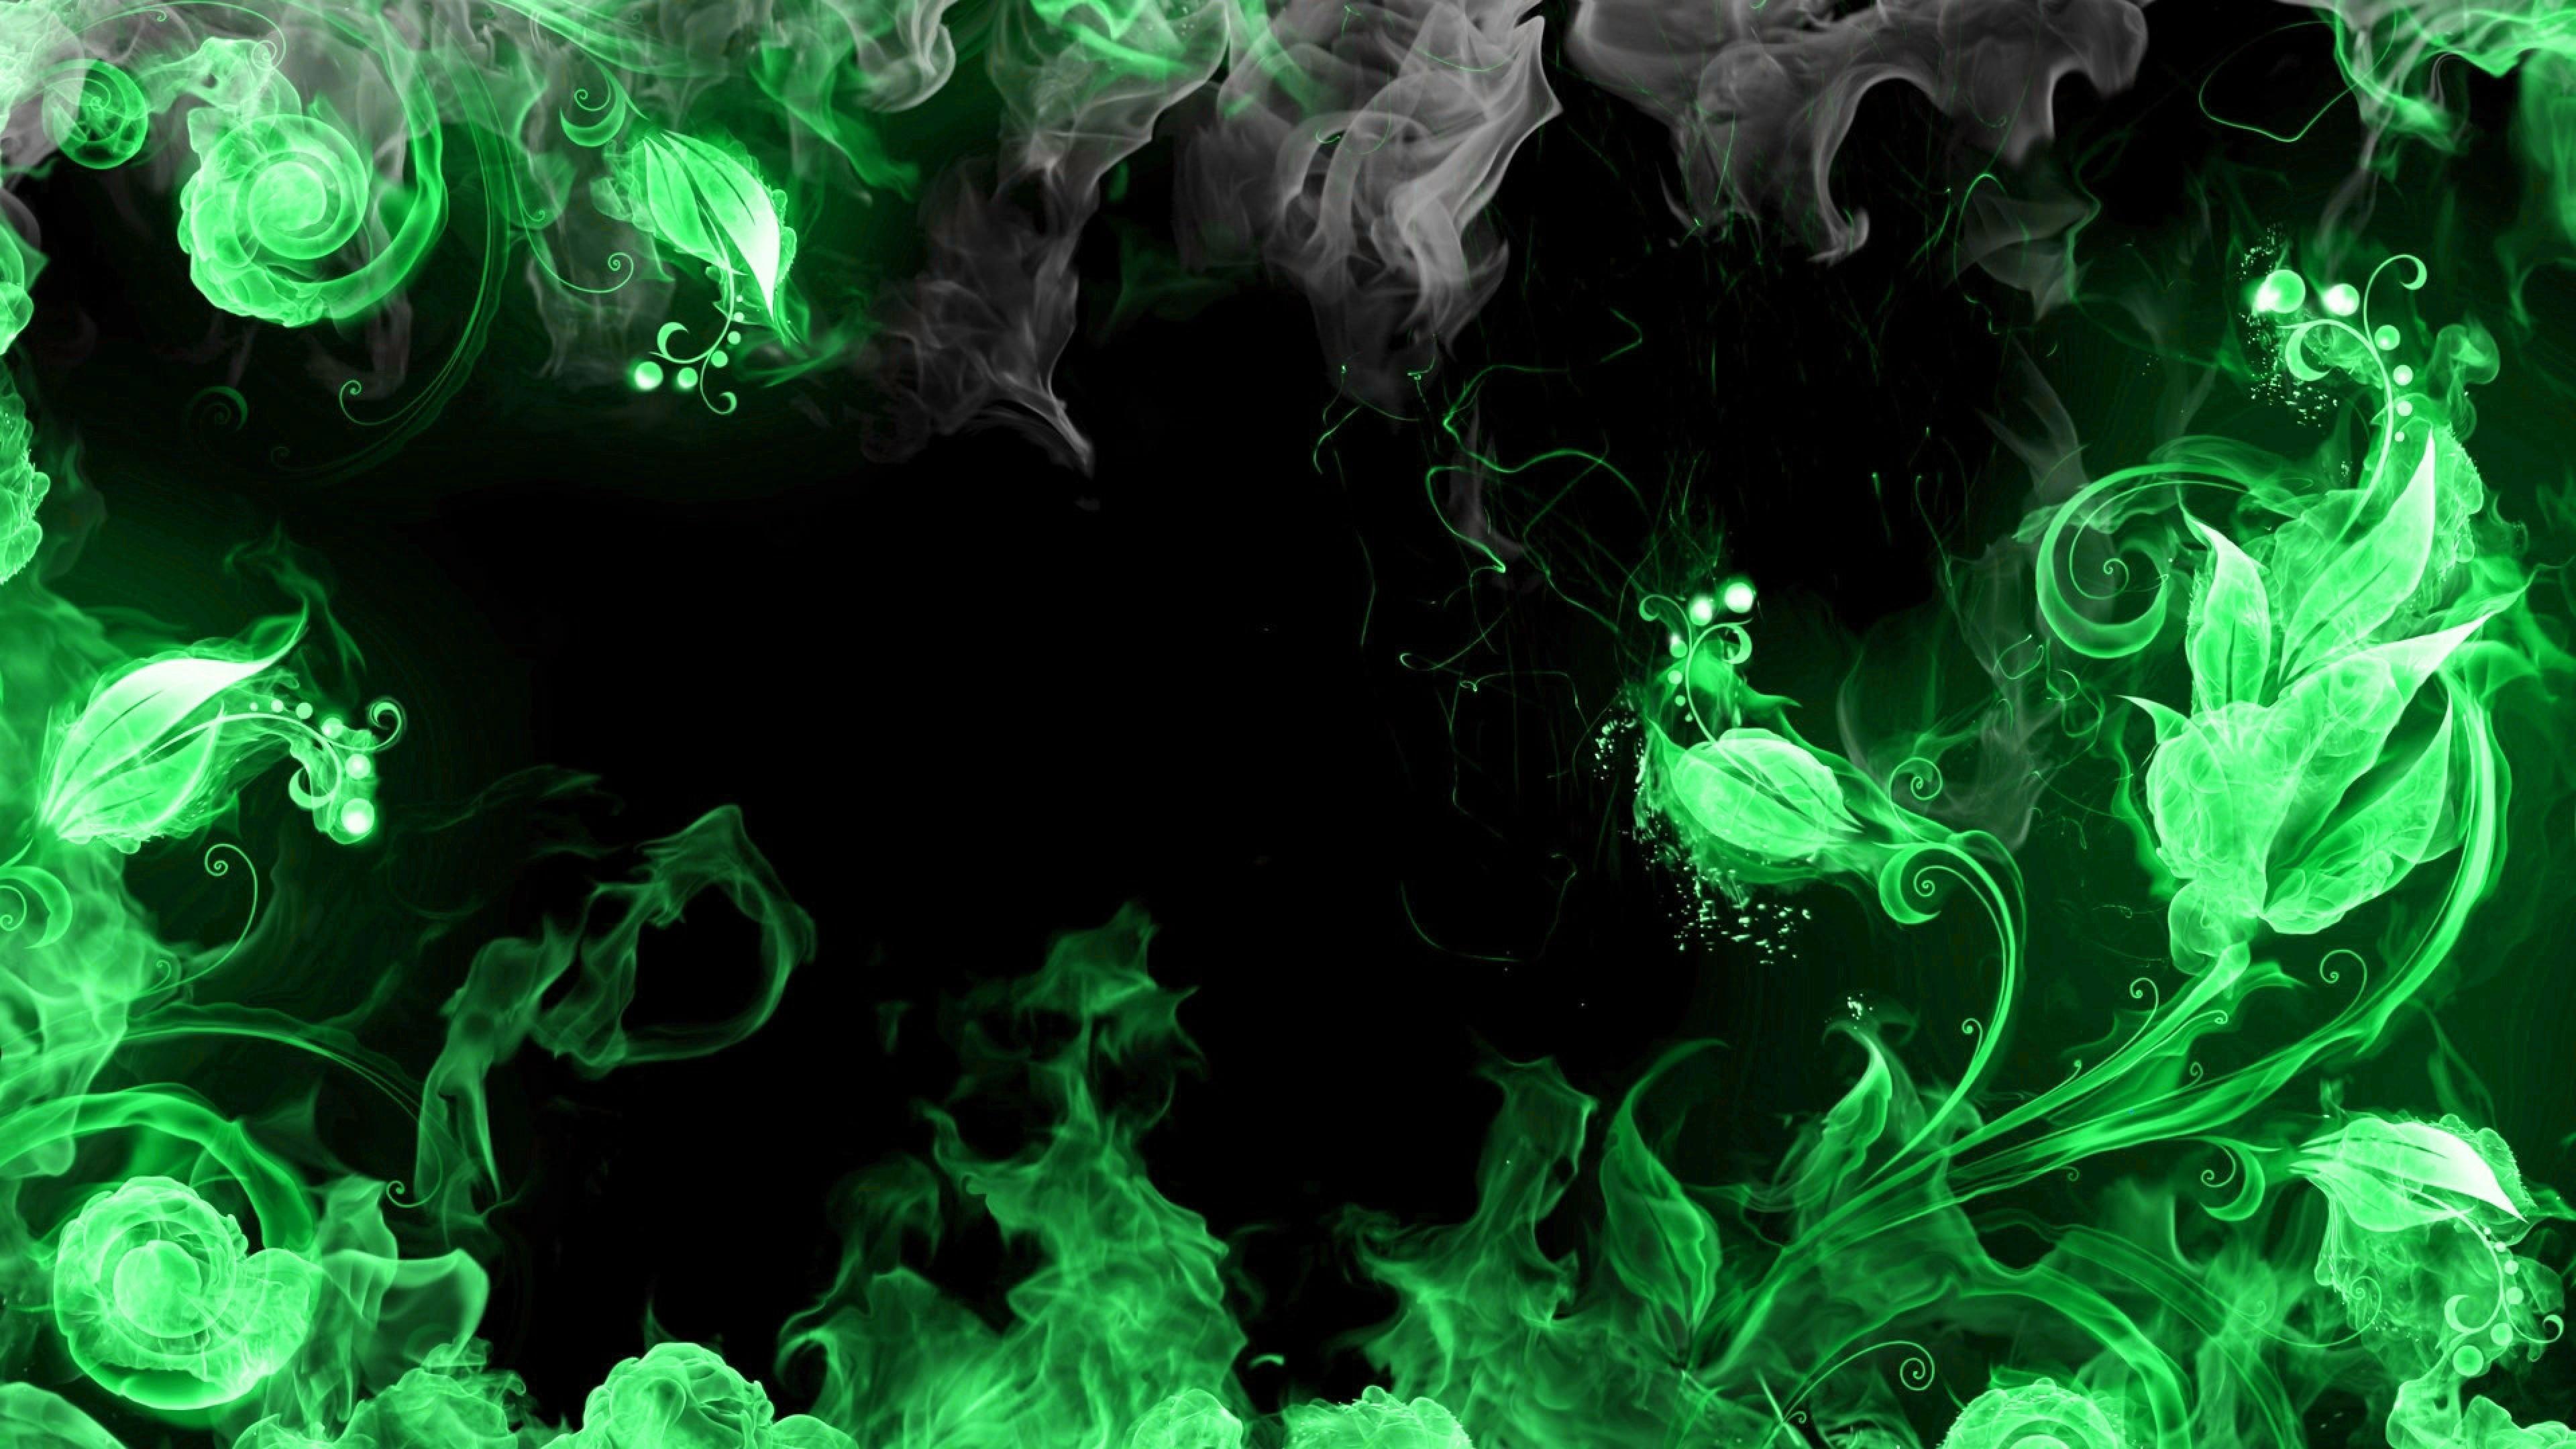 Desktophdwallpaper Org Smoke Wallpaper Fire Flower Fire Art